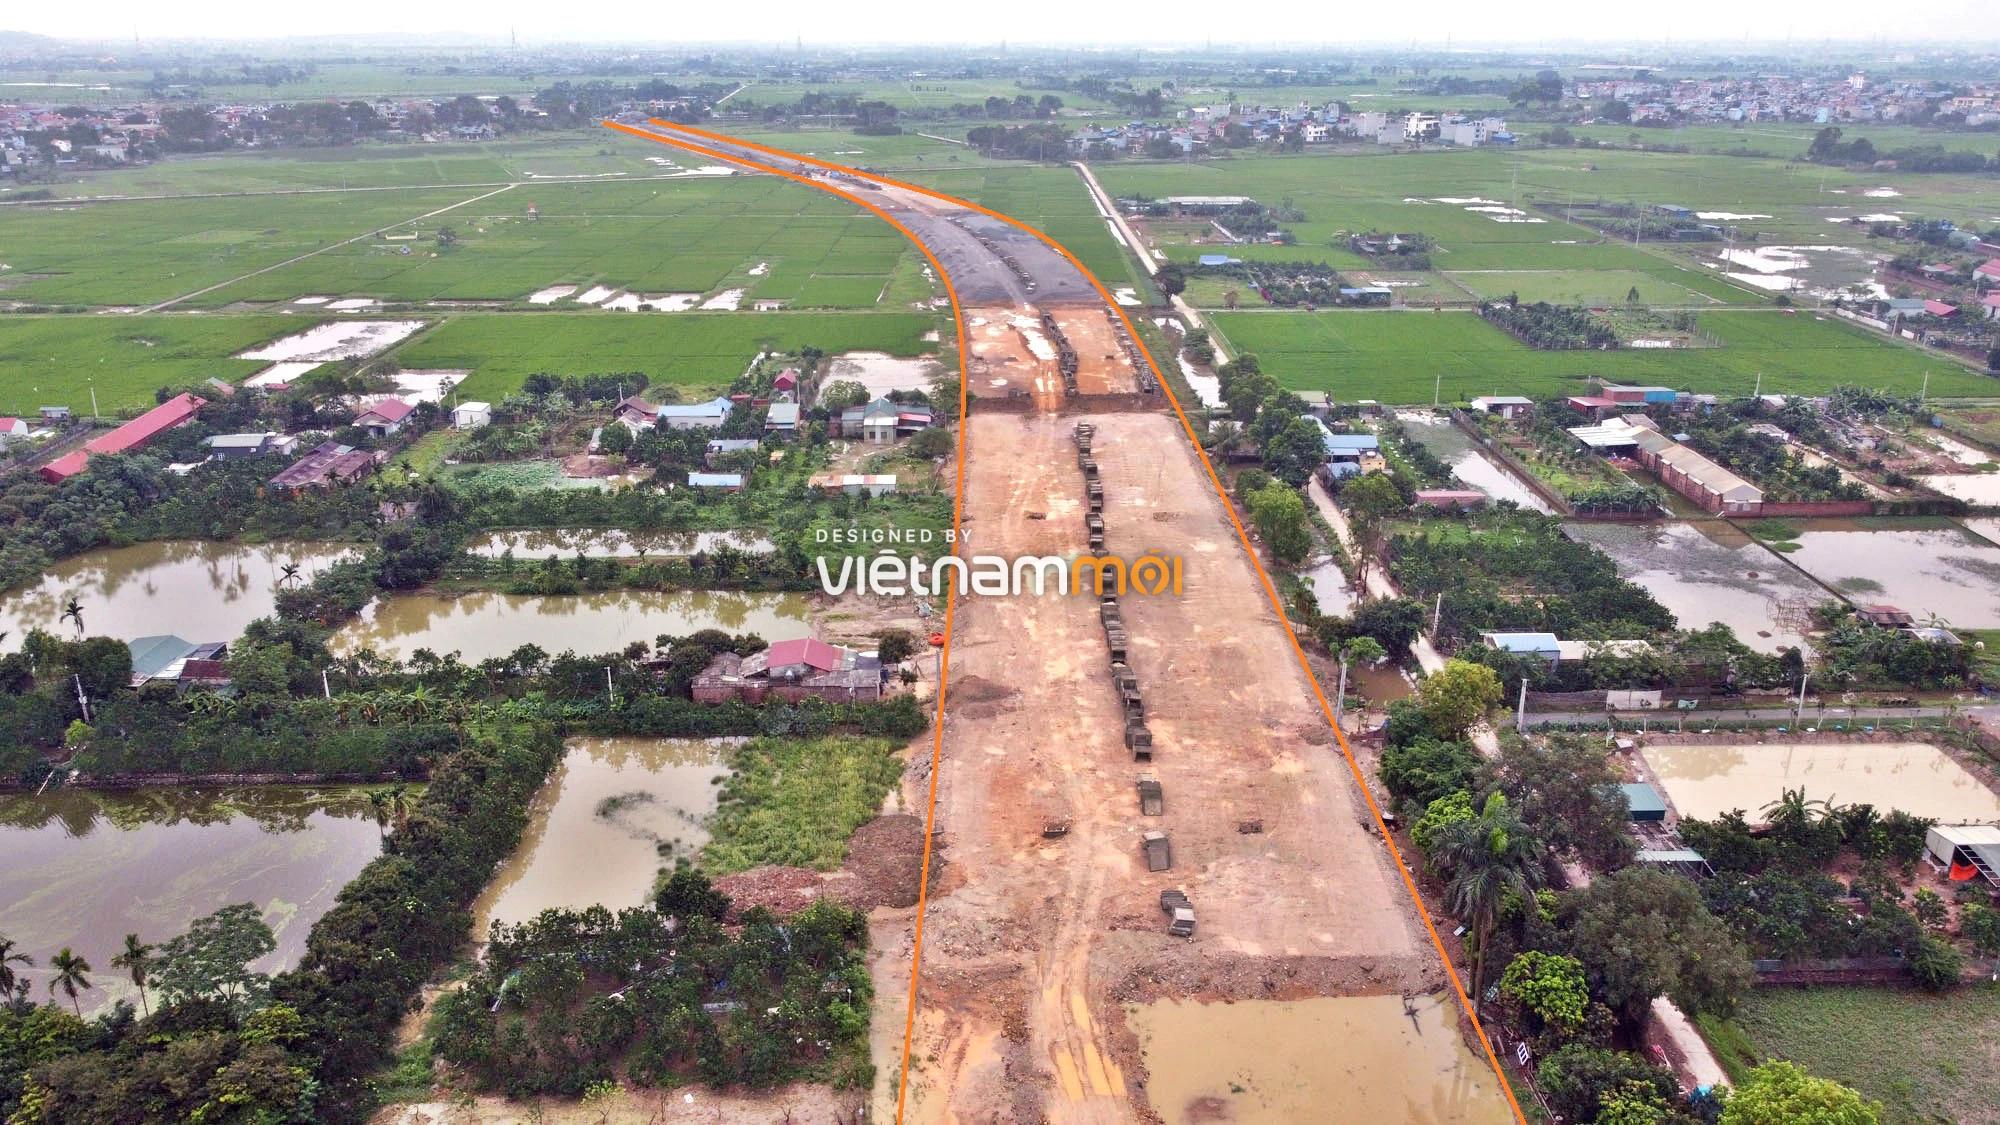 Toàn cảnh đường trục chính Bắc - Nam KĐT Quốc Oai kéo dài đang mở theo quy hoạch ở Hà Nội - Ảnh 9.